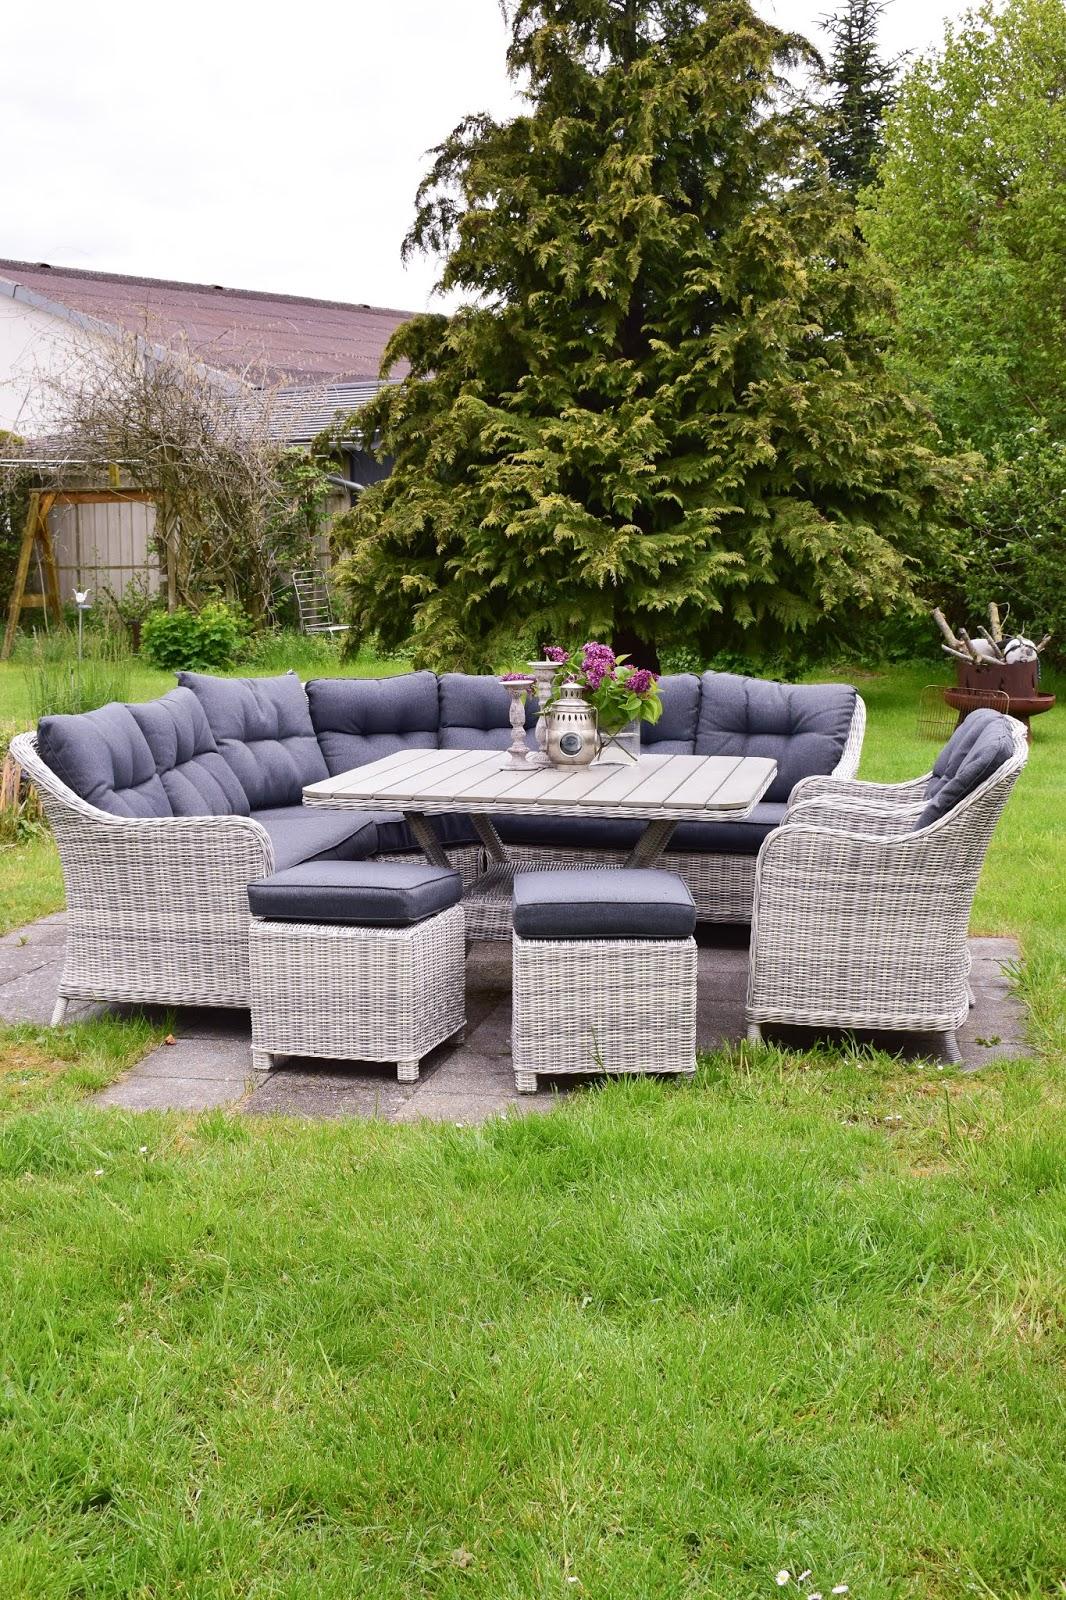 Sitzgarnitur für den Garten. Gemütlich praktisch und schön aus Polyrattan und mit ganz viel Platz